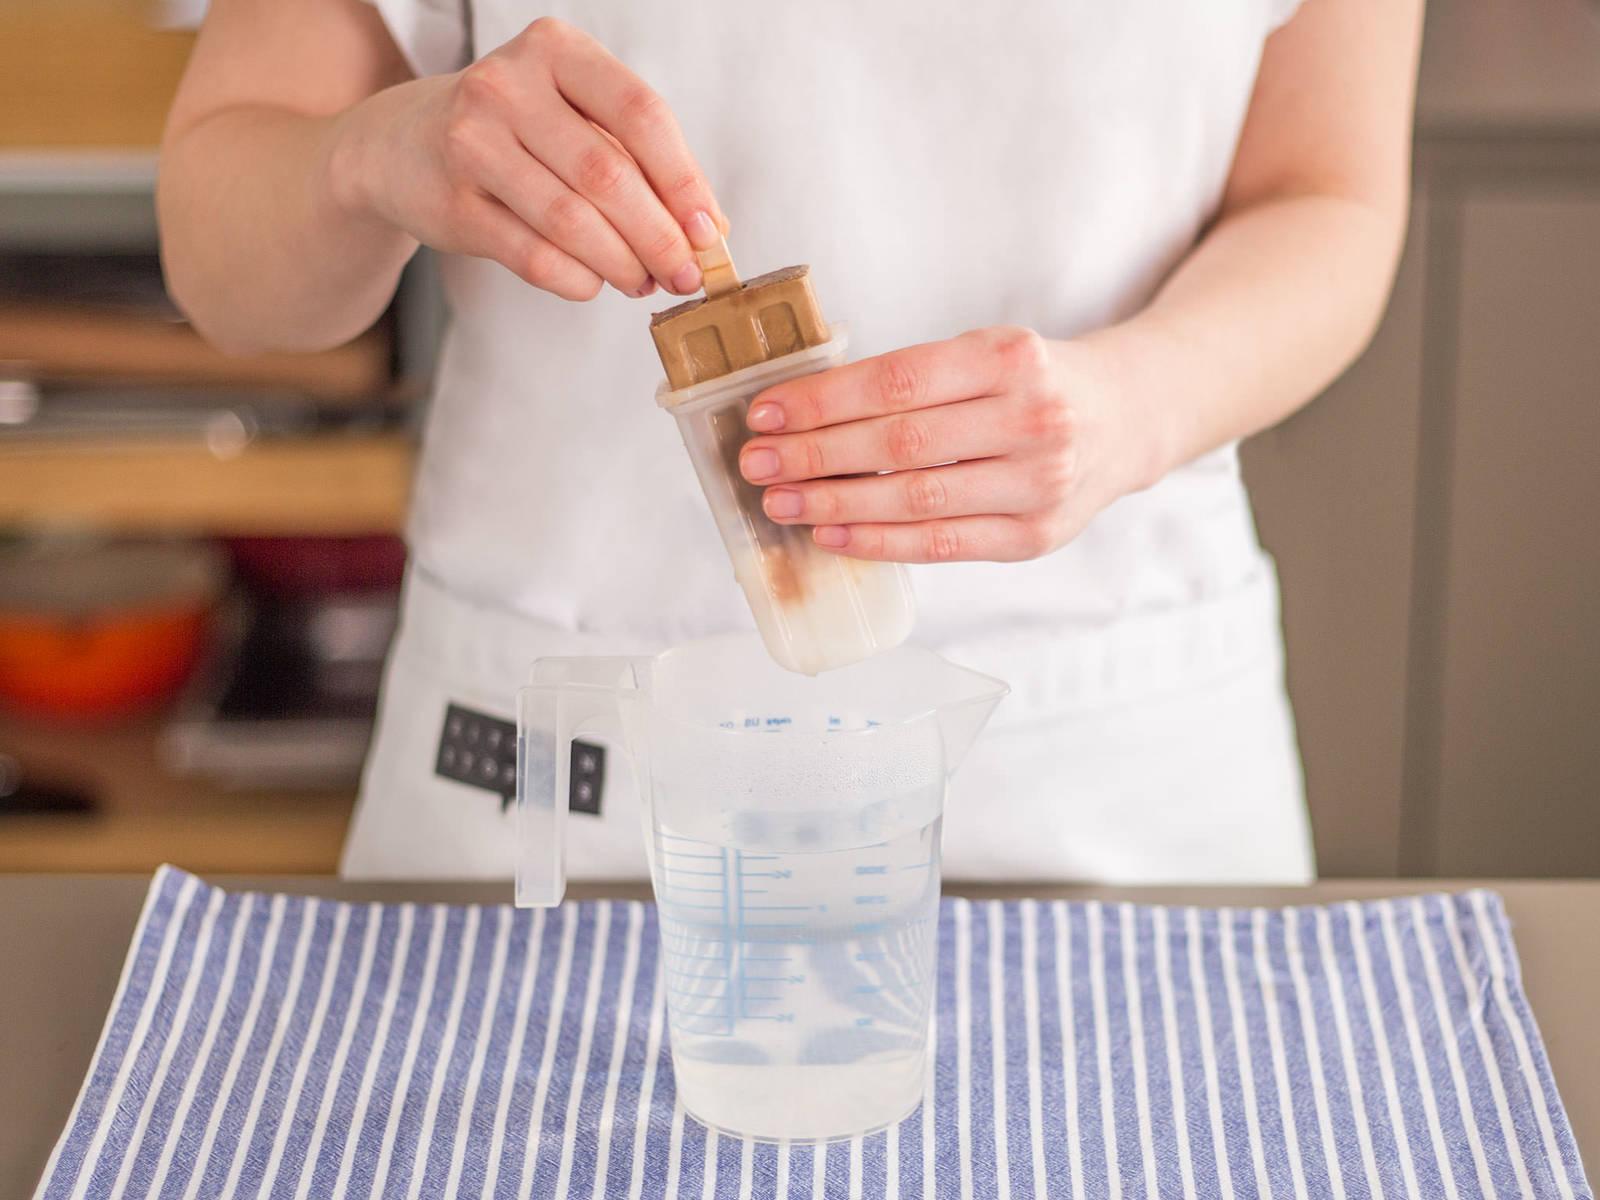 从冰箱取出模具并放在热水中片刻,以便取出冰棒。佐一杯百利酒享用!